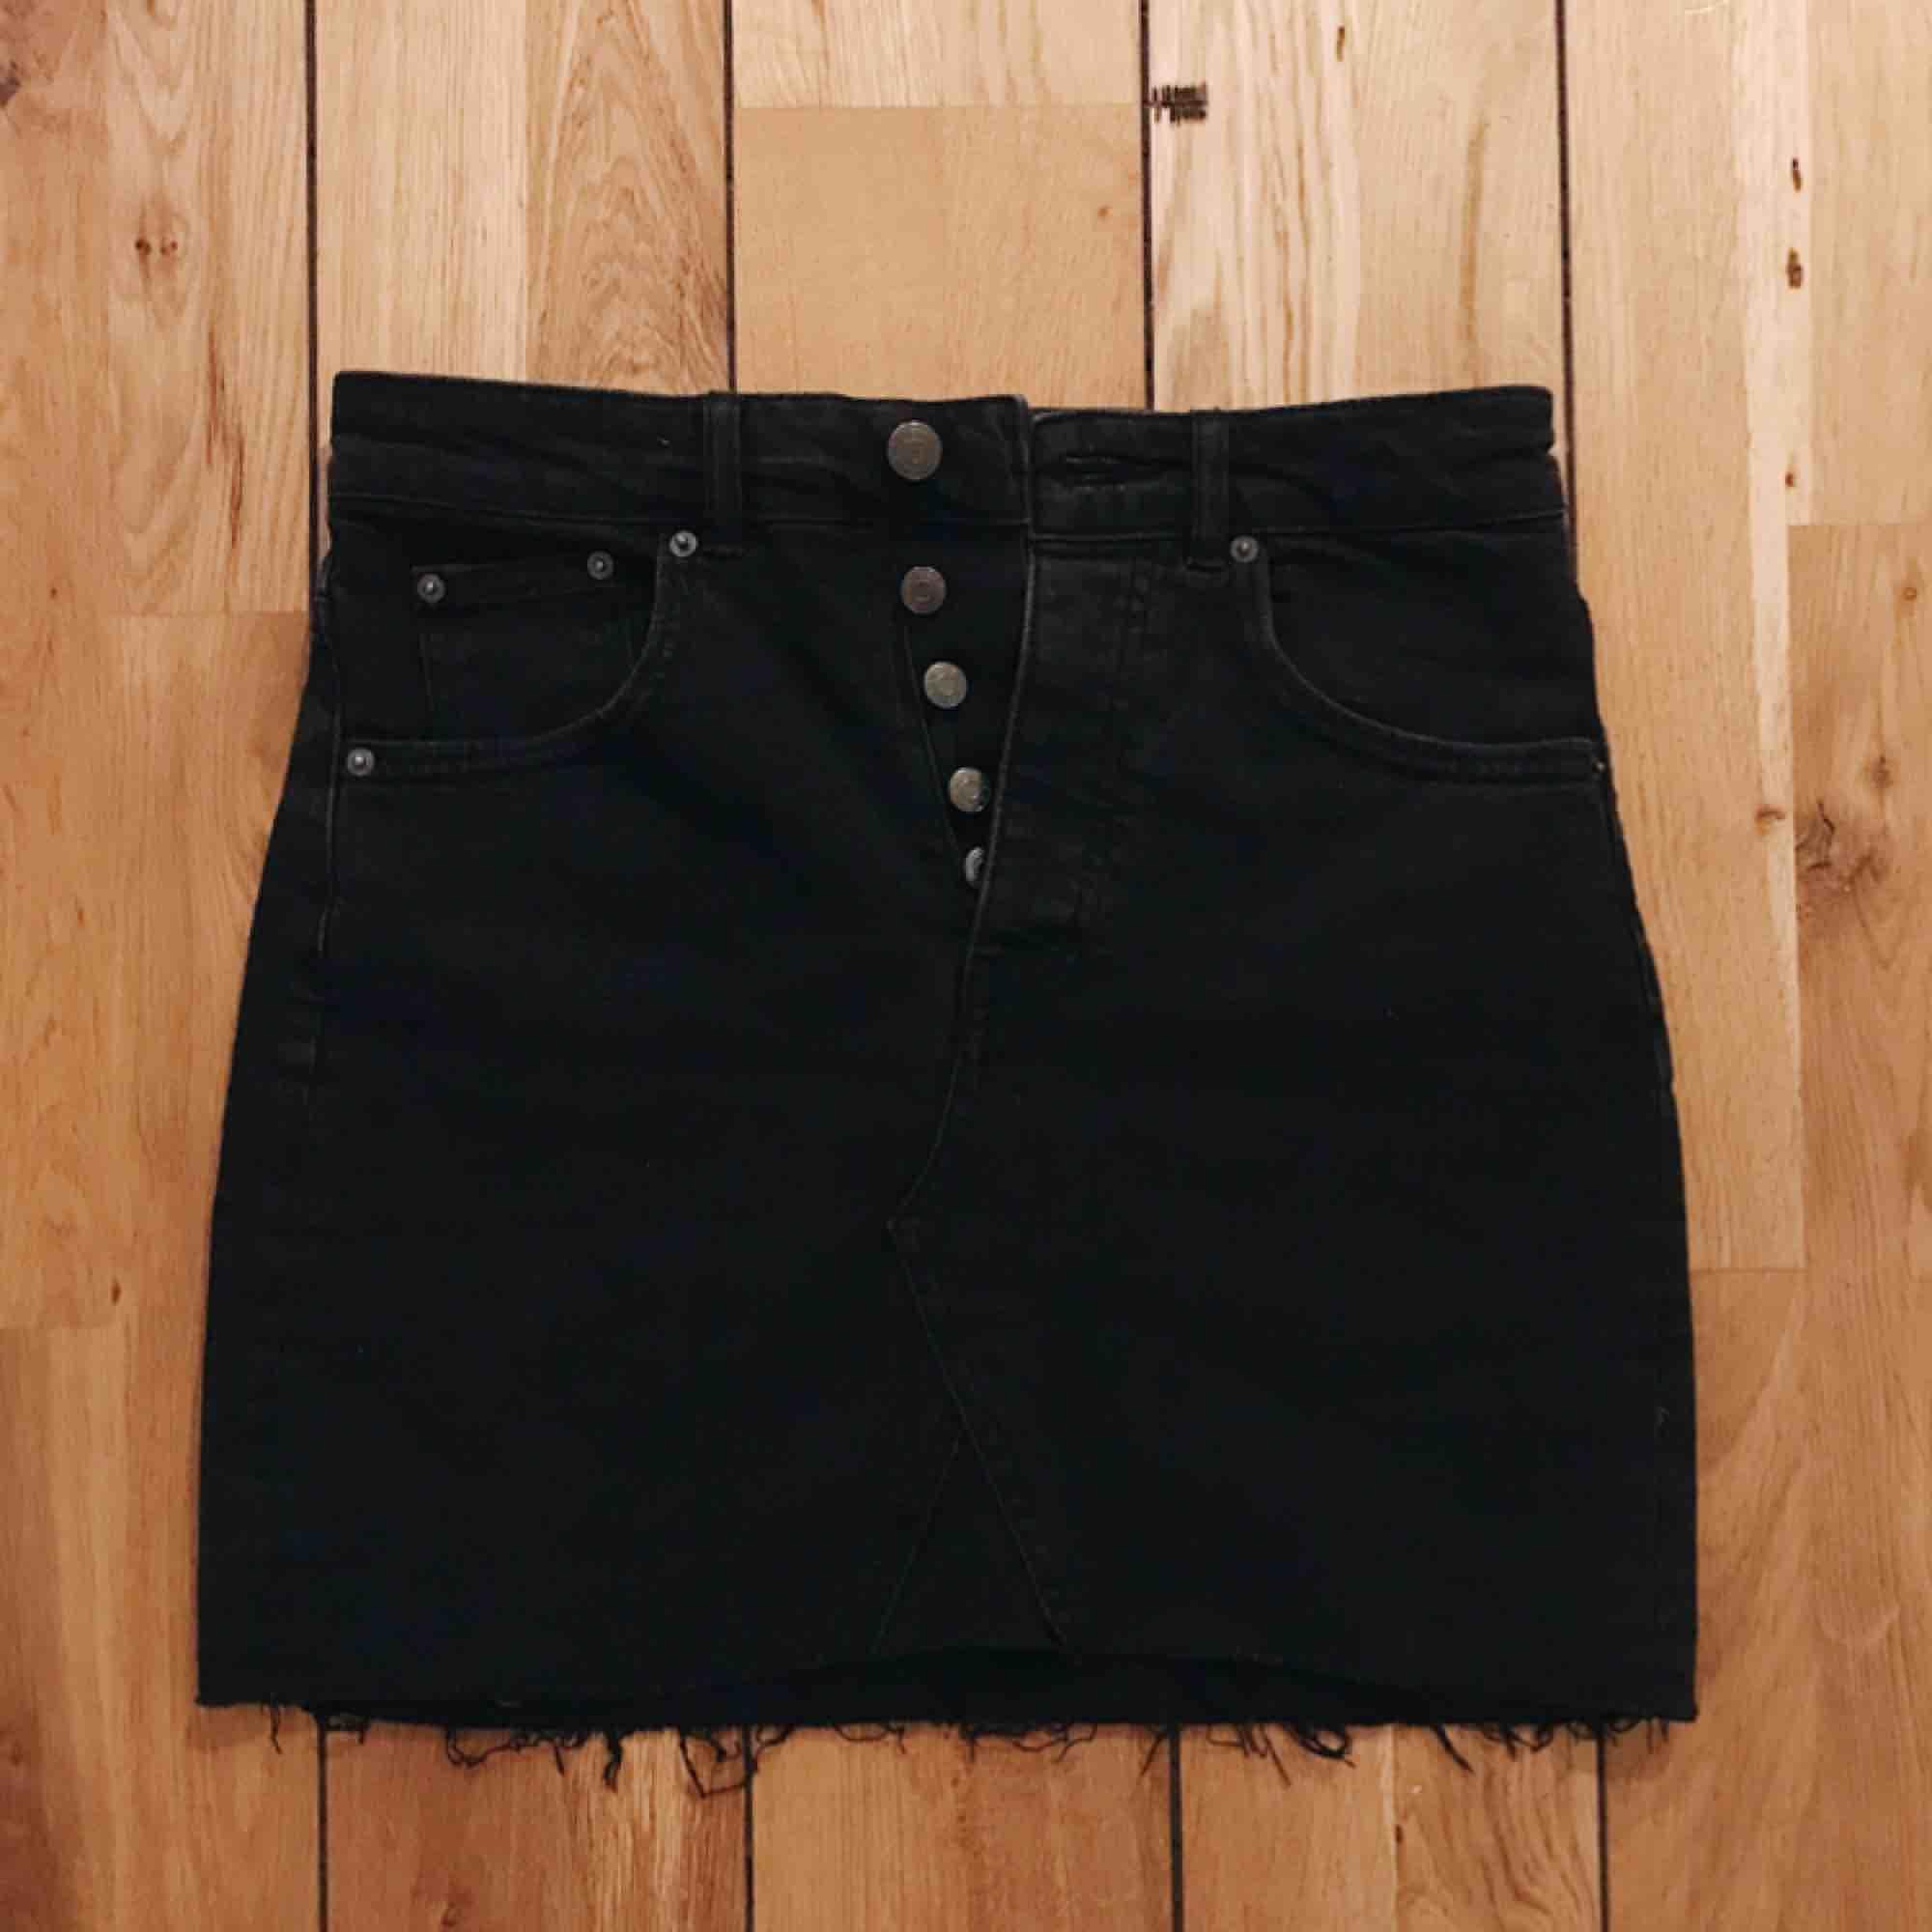 Jättefin svart jeanskjol från Gina Tricot, använd 1 gång✨ frakt ingår!. Kjolar.